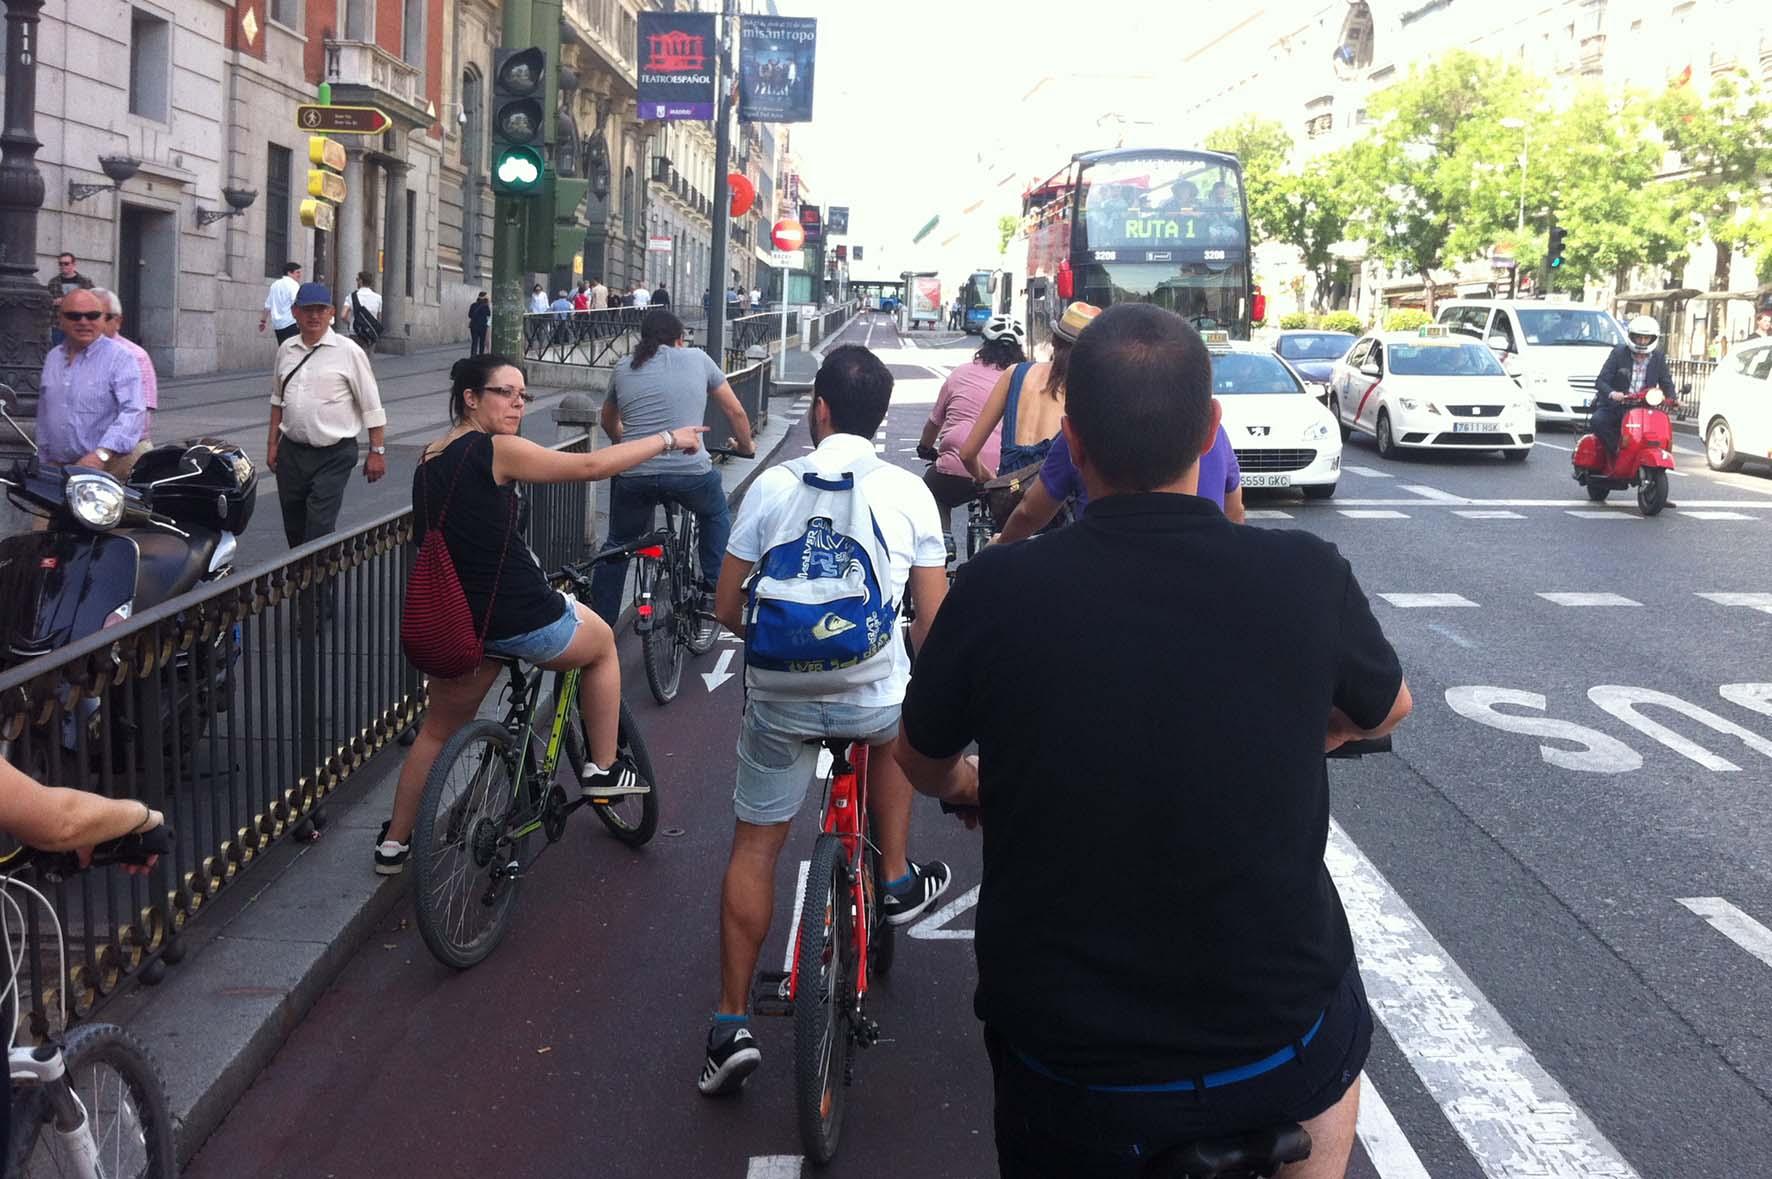 Ruta en bicicleta, subiendo por el carril bici de madrid, calle Alcala.